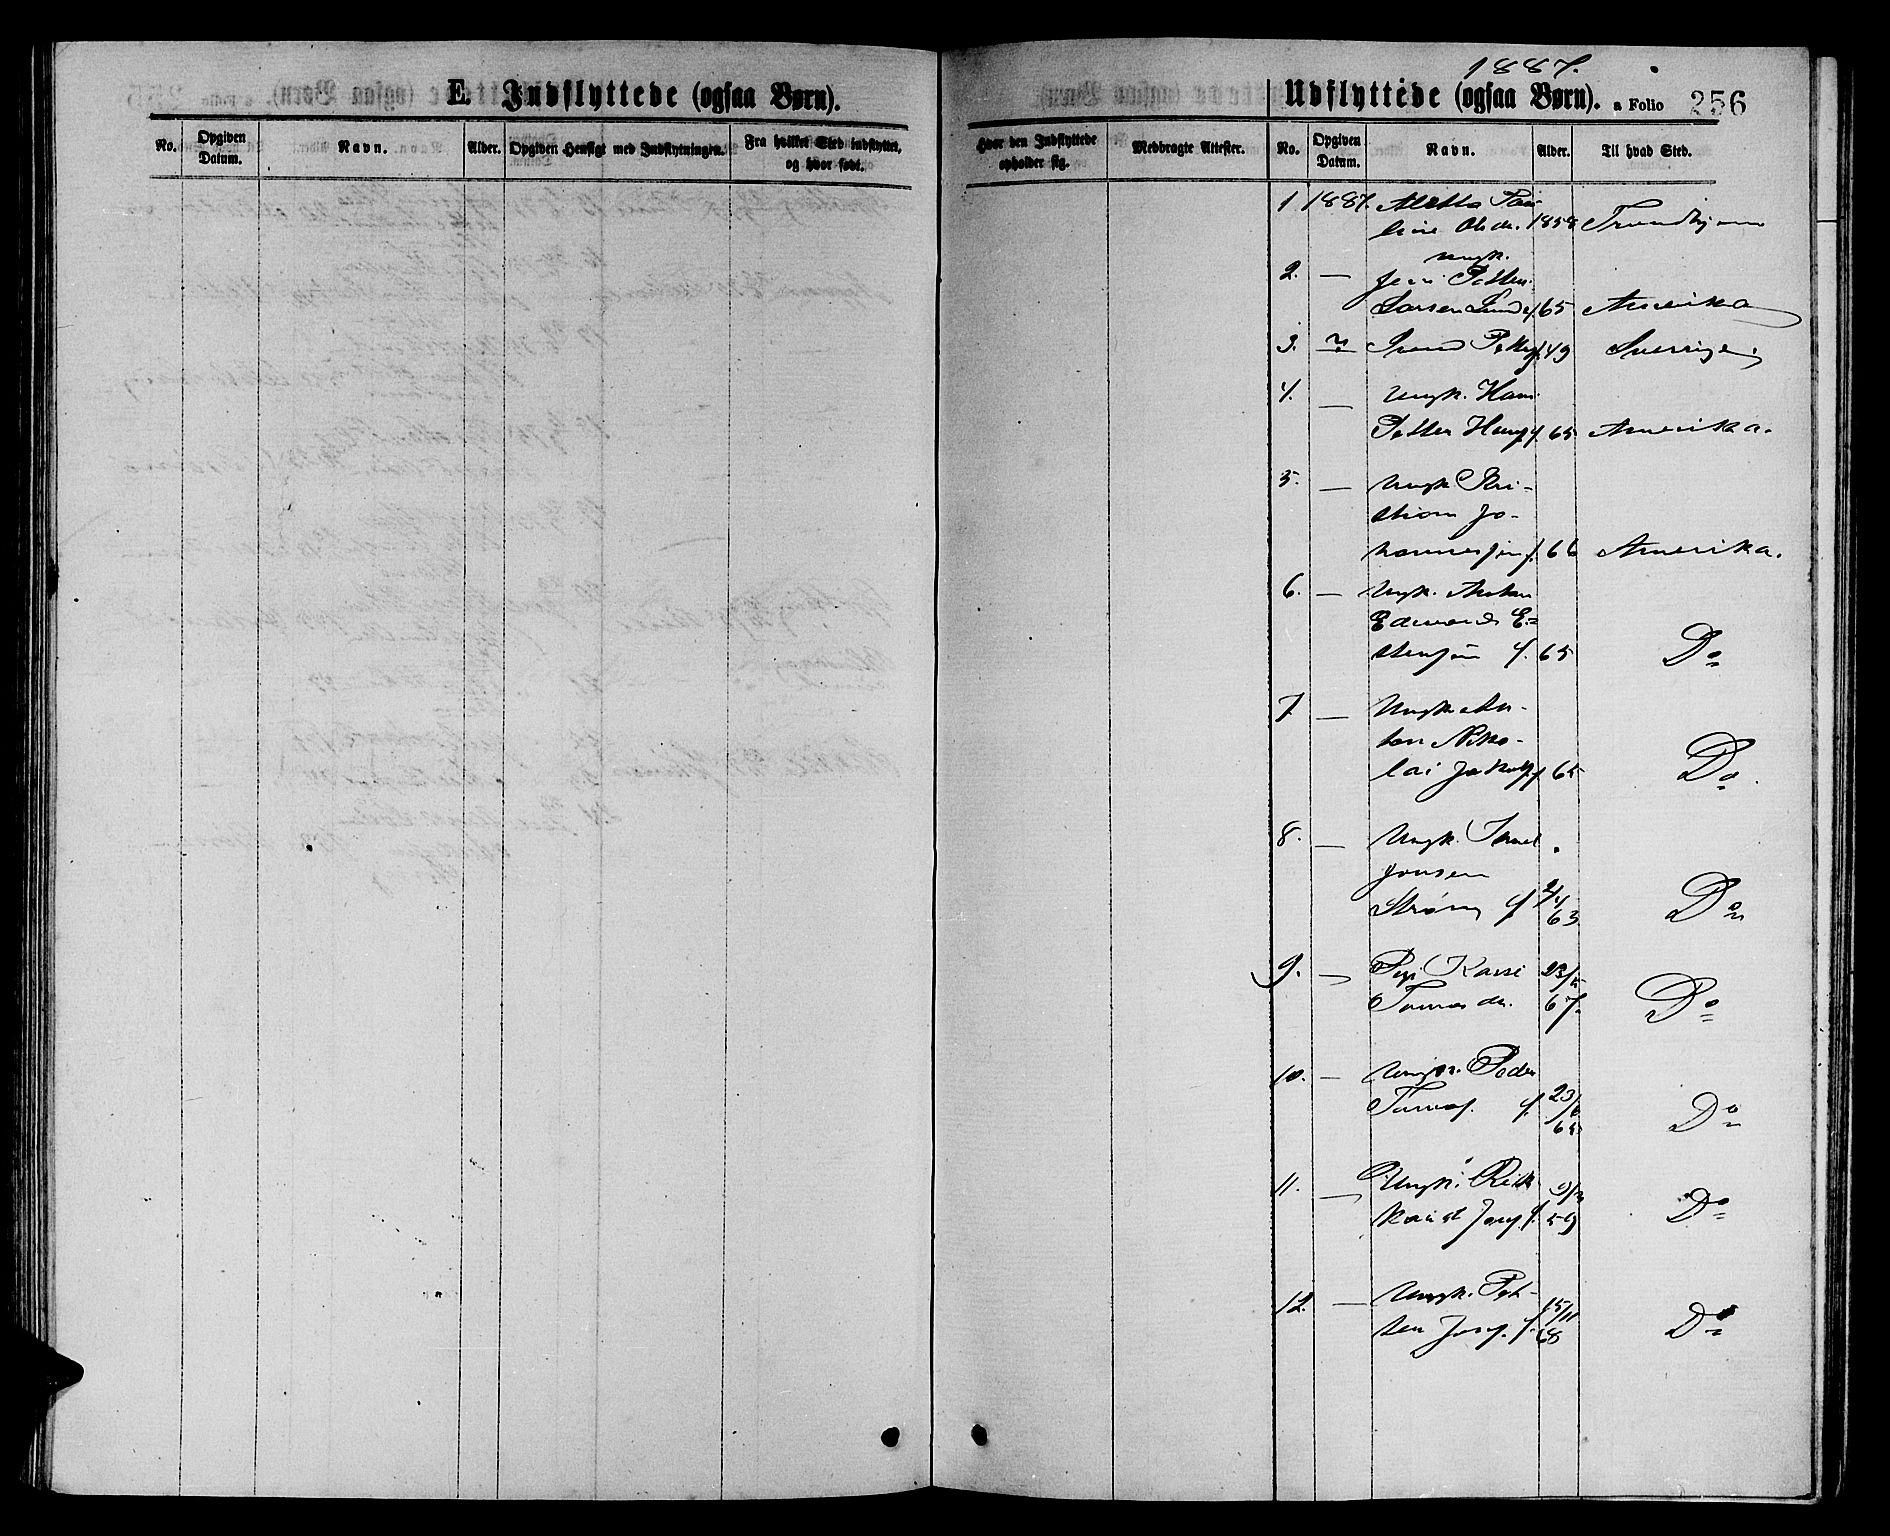 SAT, Ministerialprotokoller, klokkerbøker og fødselsregistre - Sør-Trøndelag, 657/L0715: Klokkerbok nr. 657C02, 1873-1888, s. 256